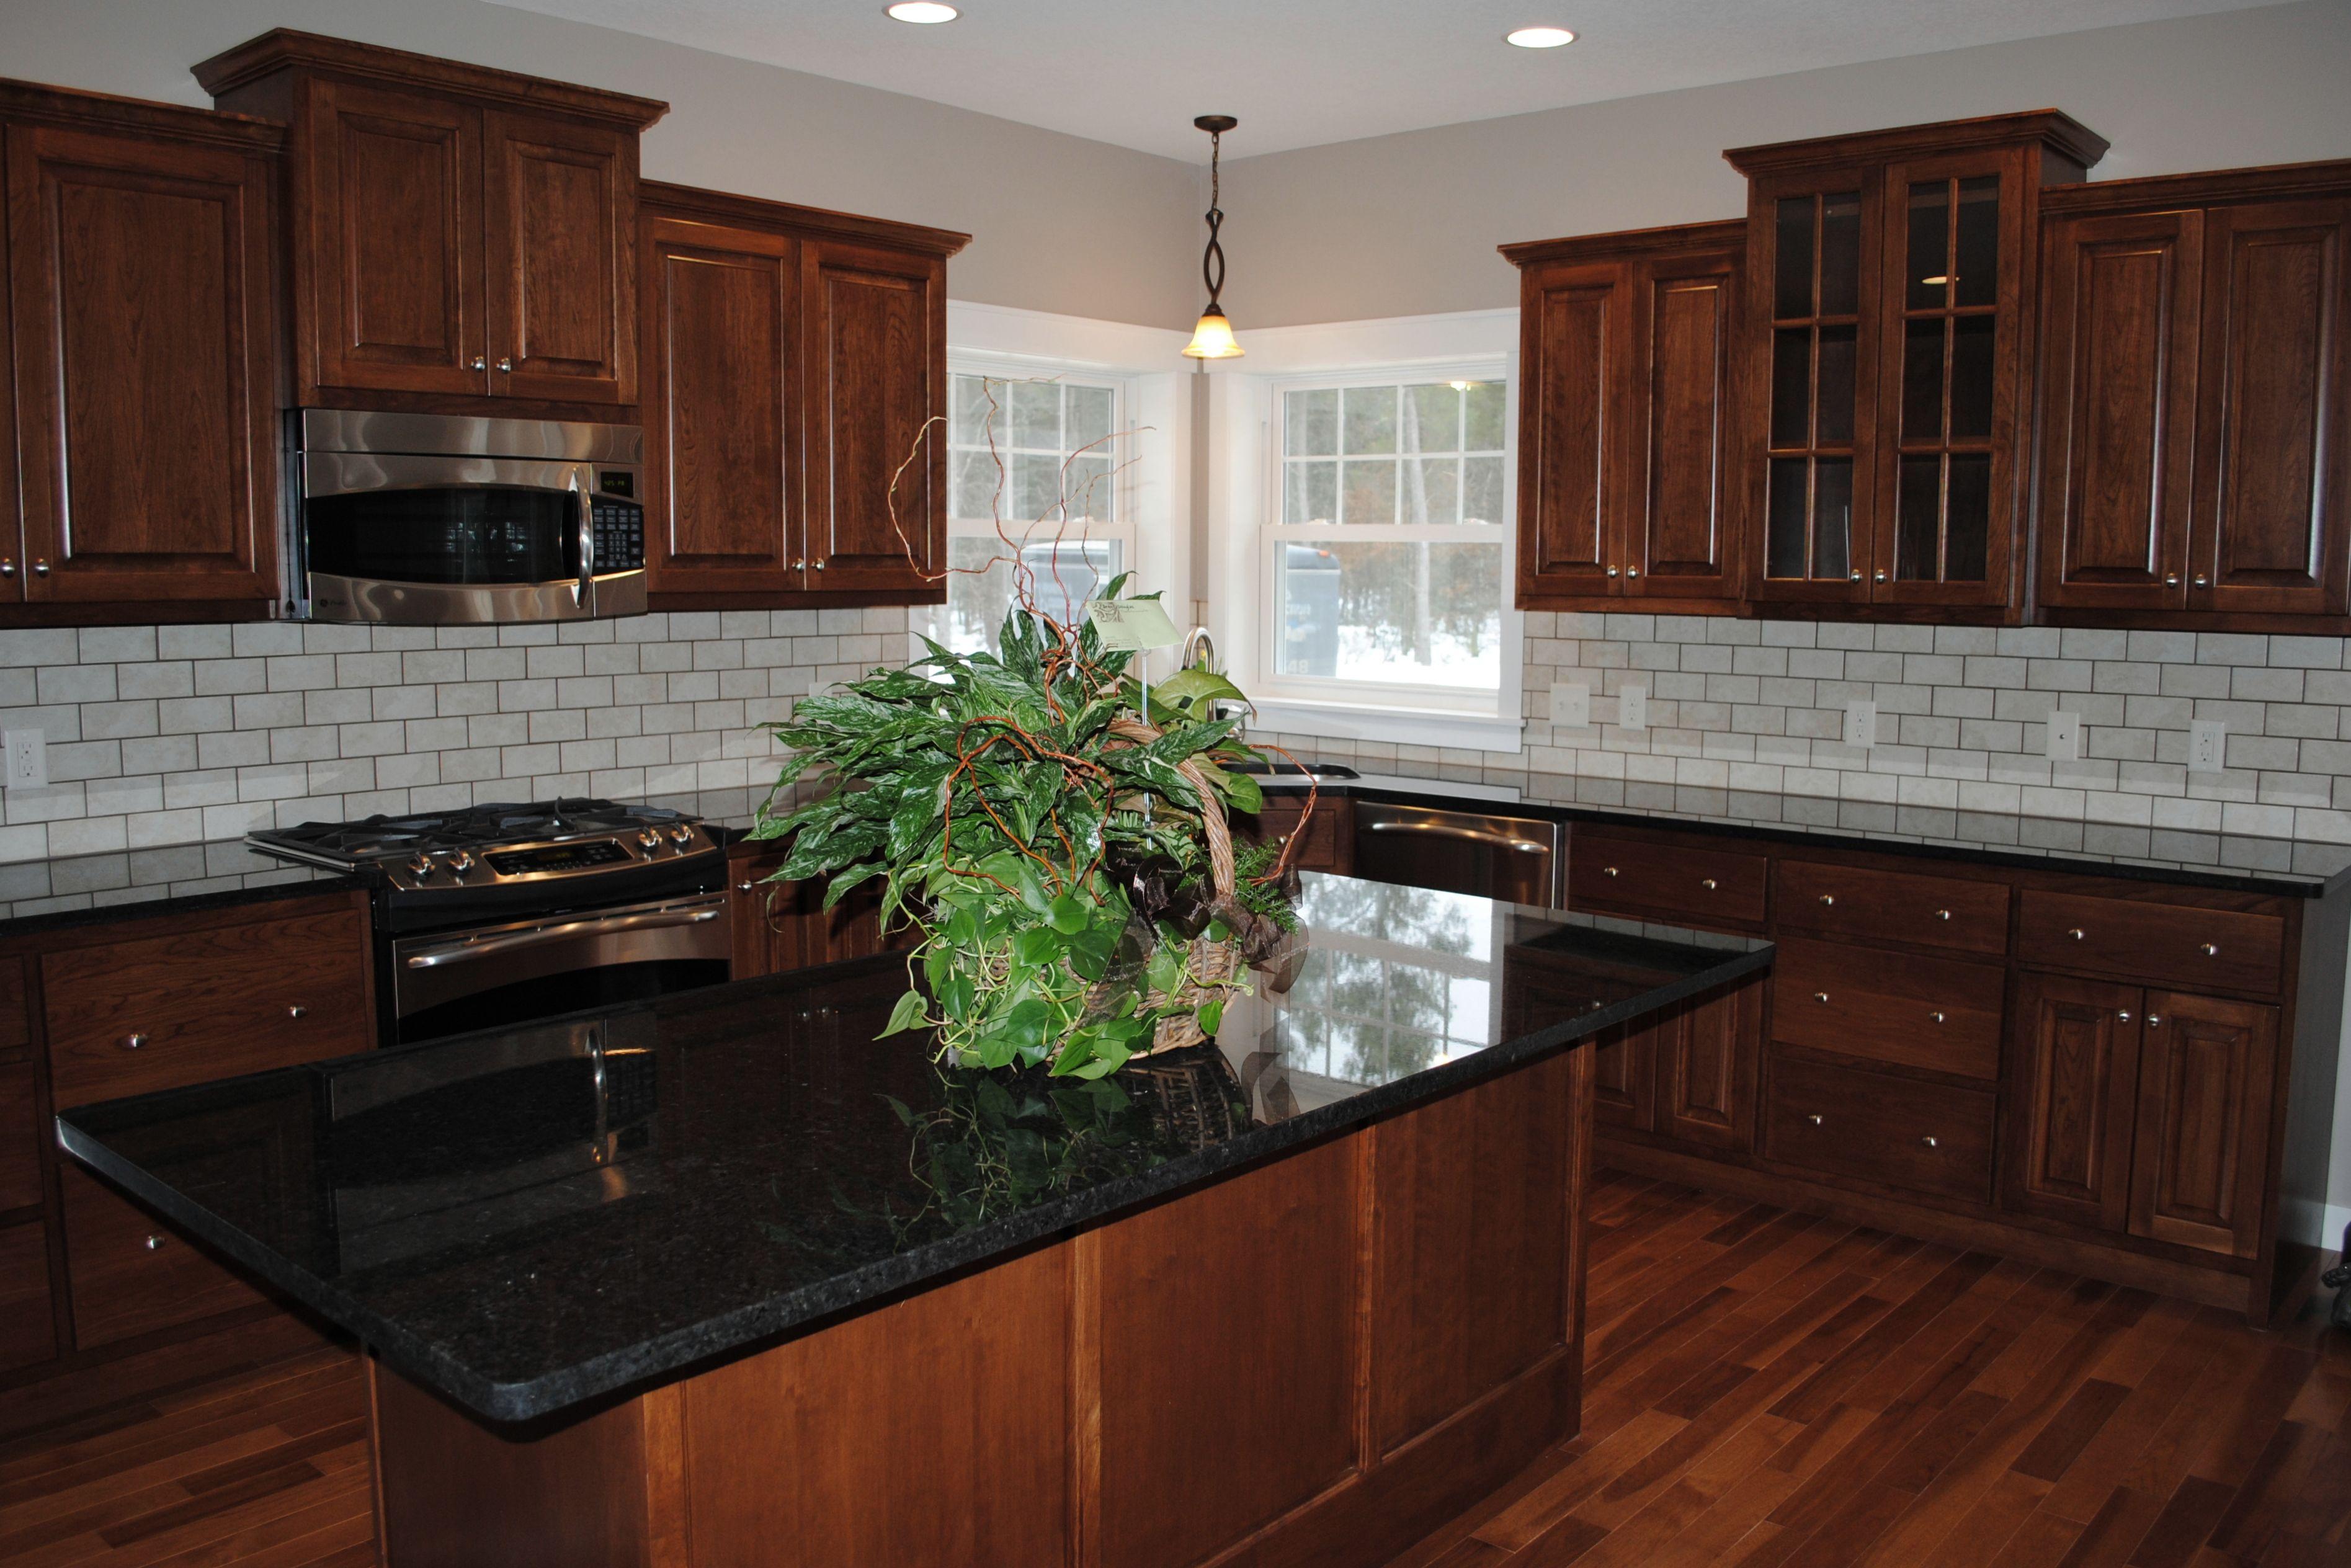 Black Pearl Stone Source Brown Kitchen Cabinets Black Countertops Black Granite Countertops